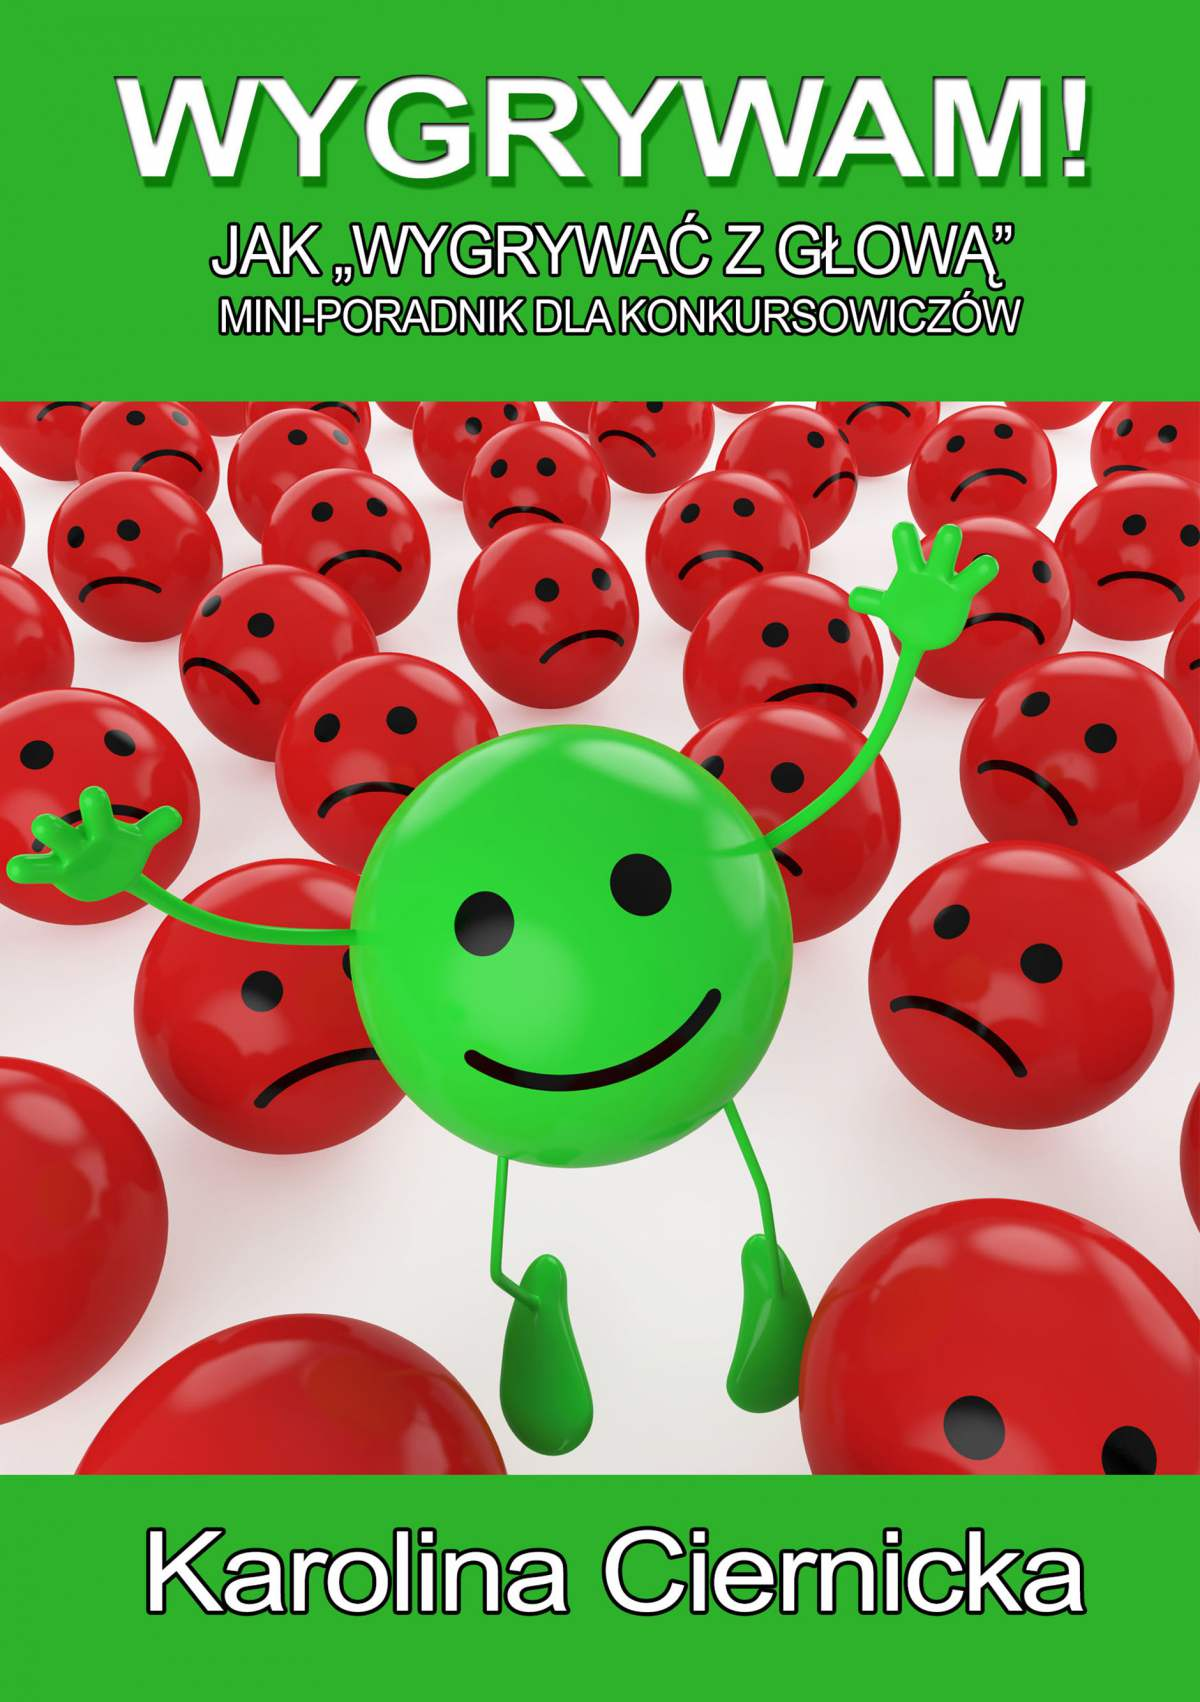 Wygrywam! Jak wygrywać z głową? Mini-poradnik dla konkursowiczów - Ebook (Książka PDF) do pobrania w formacie PDF